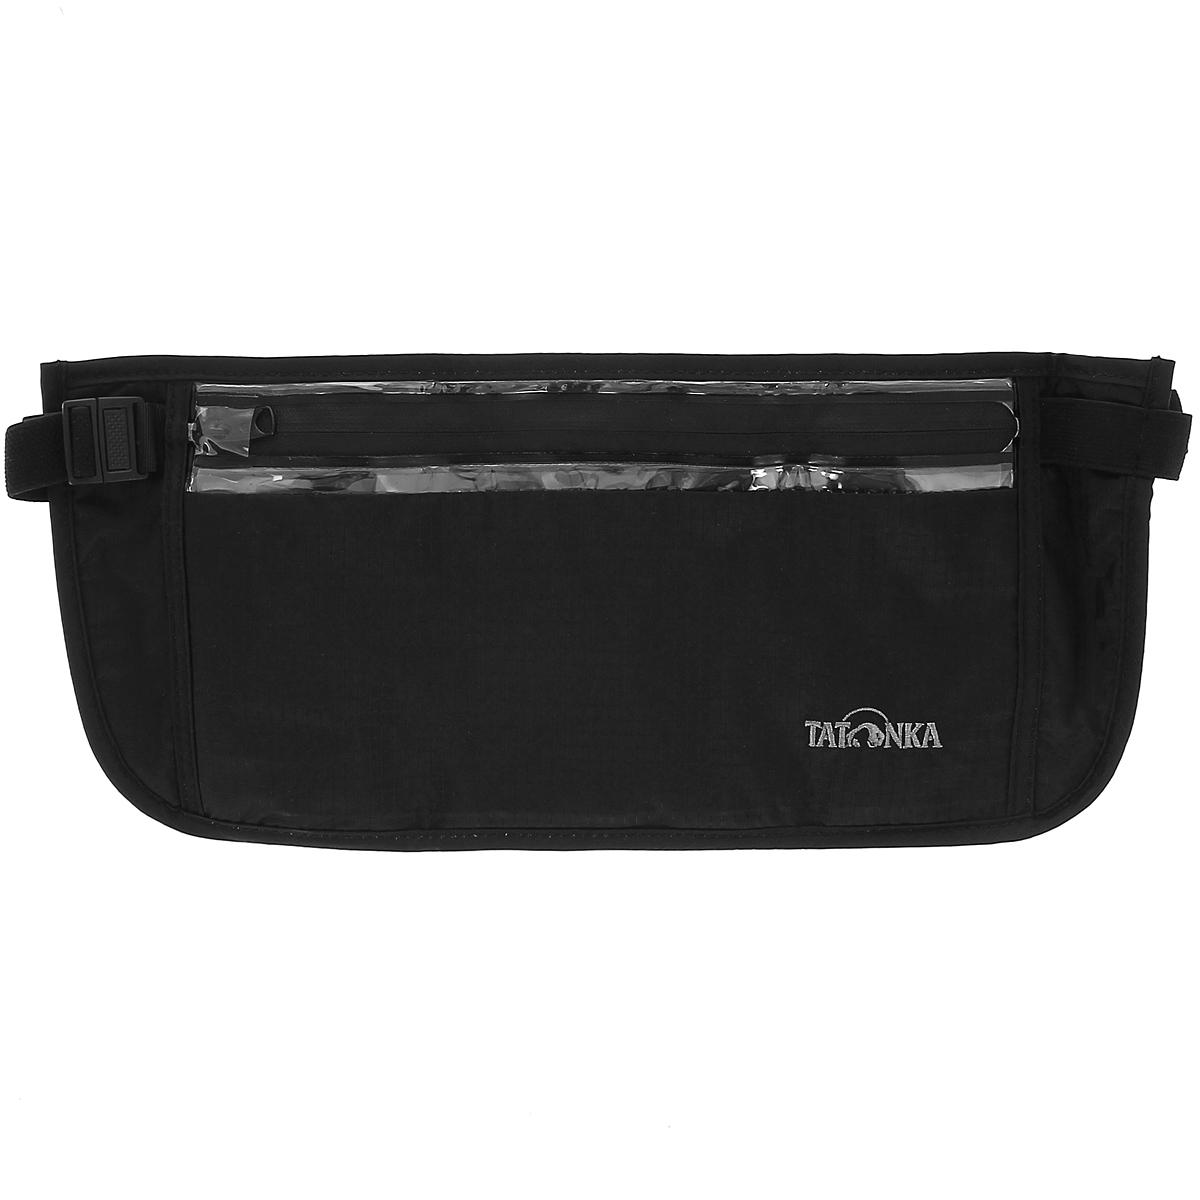 Кошелек на пояс Tatonka Skin Security Pocket, потайной, цвет: черныйMABLSEH10001Большой вместительный кошелек для скрытого ношения на поясе Tatonka Skin Security Pocket подойдет не только для хранения денег, но и для сохранности документов и других ценных предметов. Он крепится на пояс при помощи эластичного ремня, длина которого регулируется. Изделие имеет одно вместительное отделение на водонепроницаемой застежке-молнии. Кошелек с обратной стороны выполнен из приятного для кожи мягкого материала, не вызывающего аллергию, внутри обтянут водонепроницаемой пленкой.Материал: 210T Nylon Rip Stop. Очень легкий материал RipStop нейлон (210 Den полиамид) с красивой и приятной на ощупь поверхностью, очень прочный. Изнутри покрыт полиуретаном с водостоойкостью 2000 мм. Нитка 210 денье (сокращено: Den) создает прочность на разрыв.